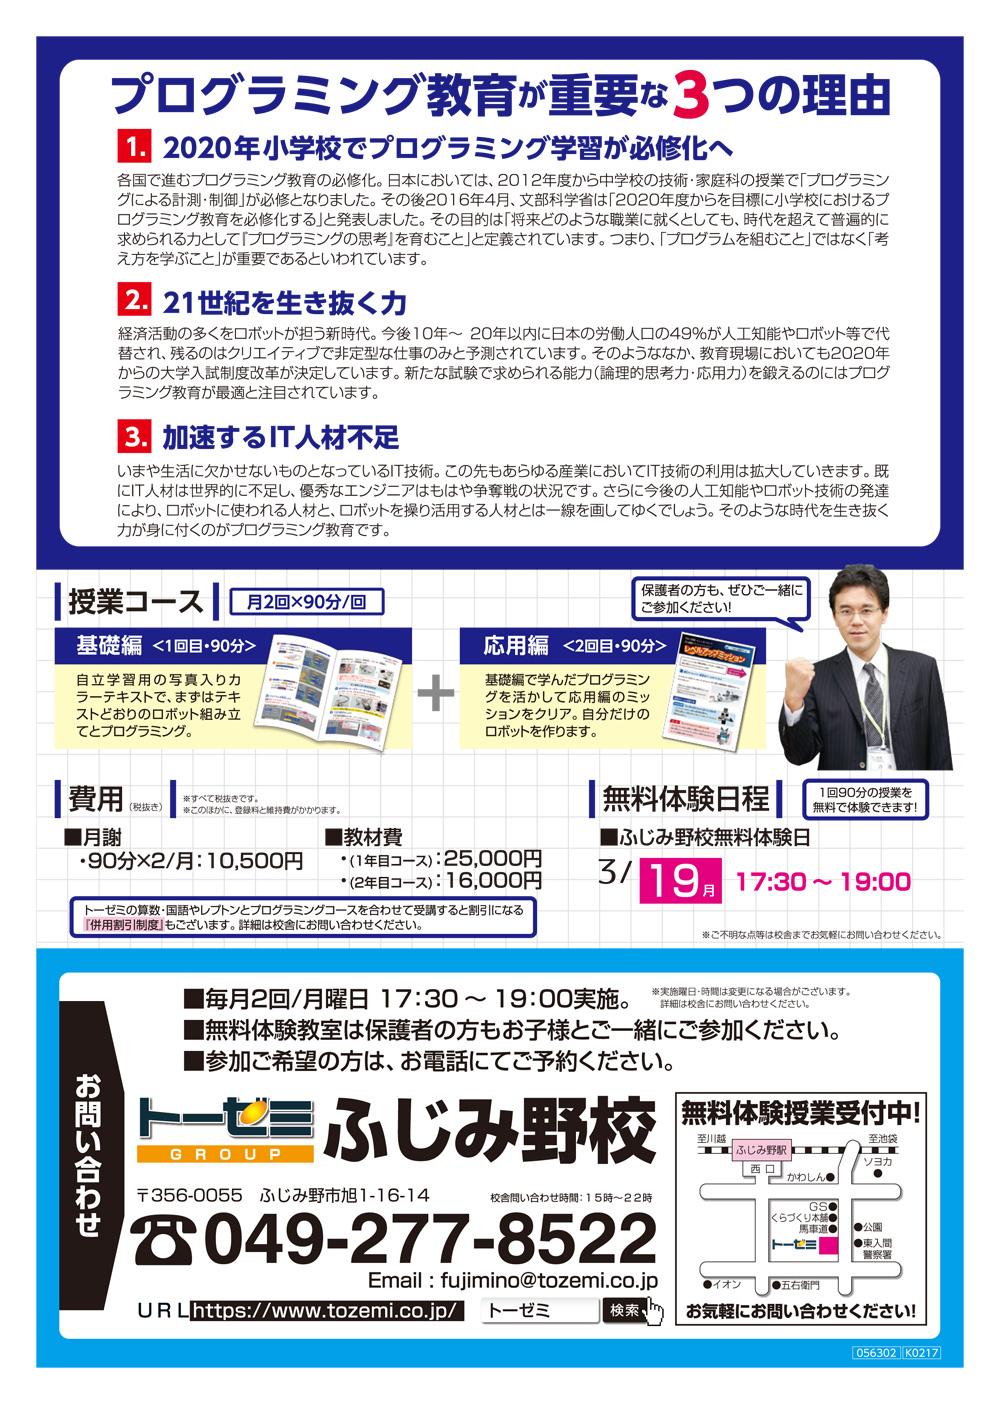 新聞折込チラシ(ロボットプログラミング教室 開講!:ふじみ野校)